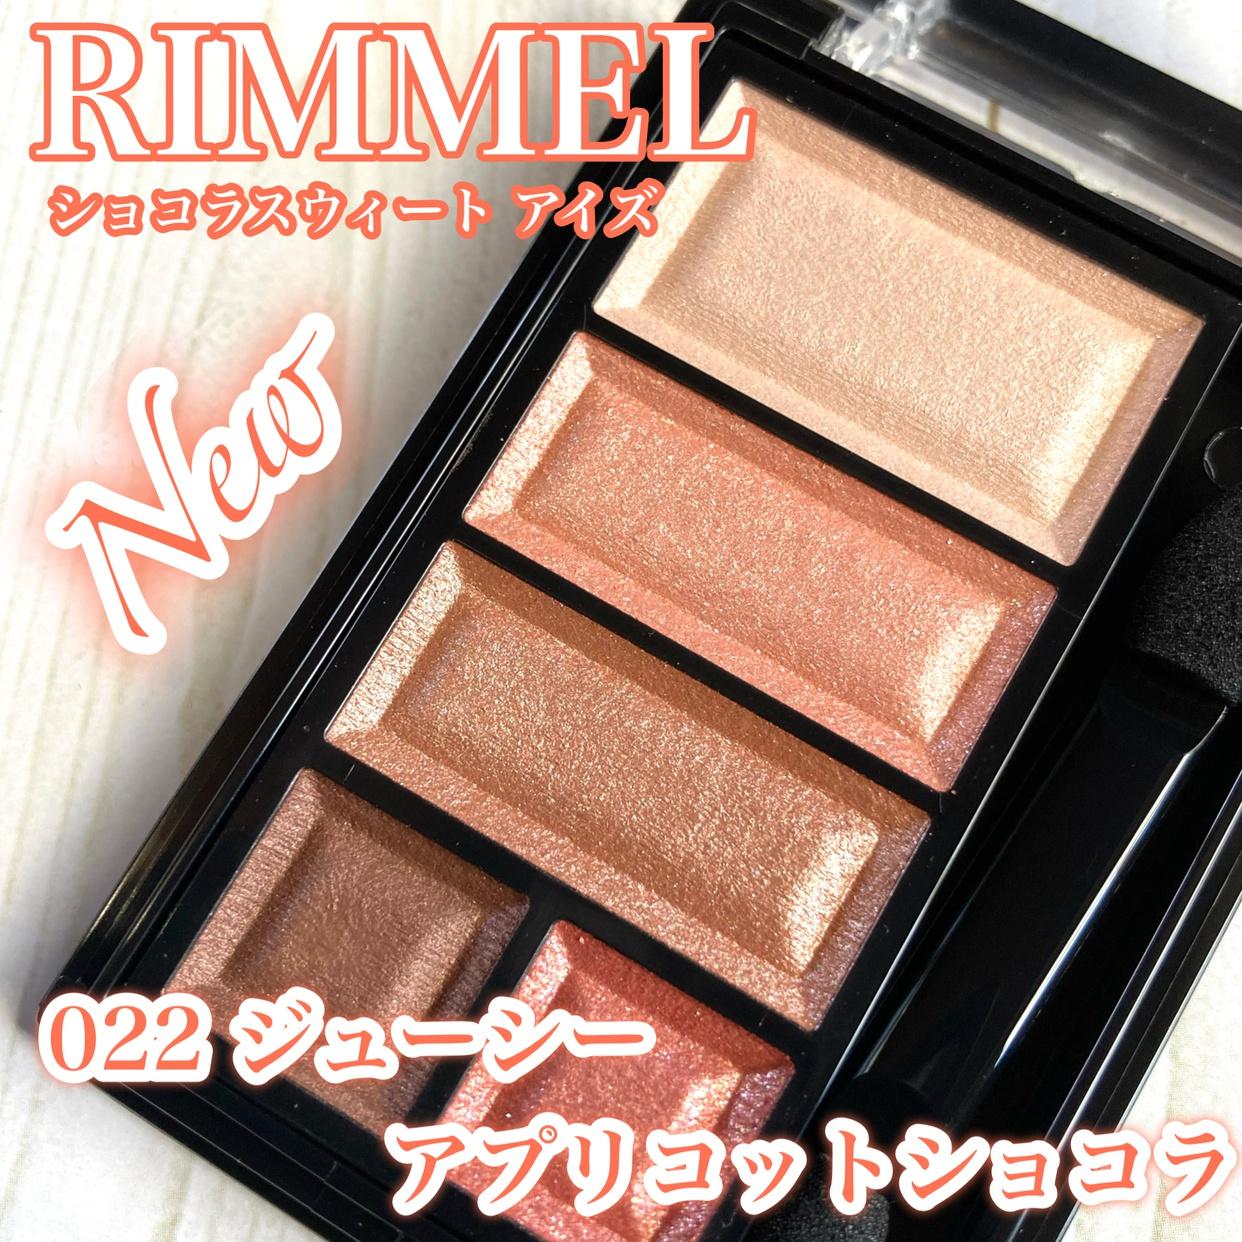 RIMMEL(リンメル)ショコラスウィート アイズを使った☆ふくすけ☆さんのクチコミ画像1